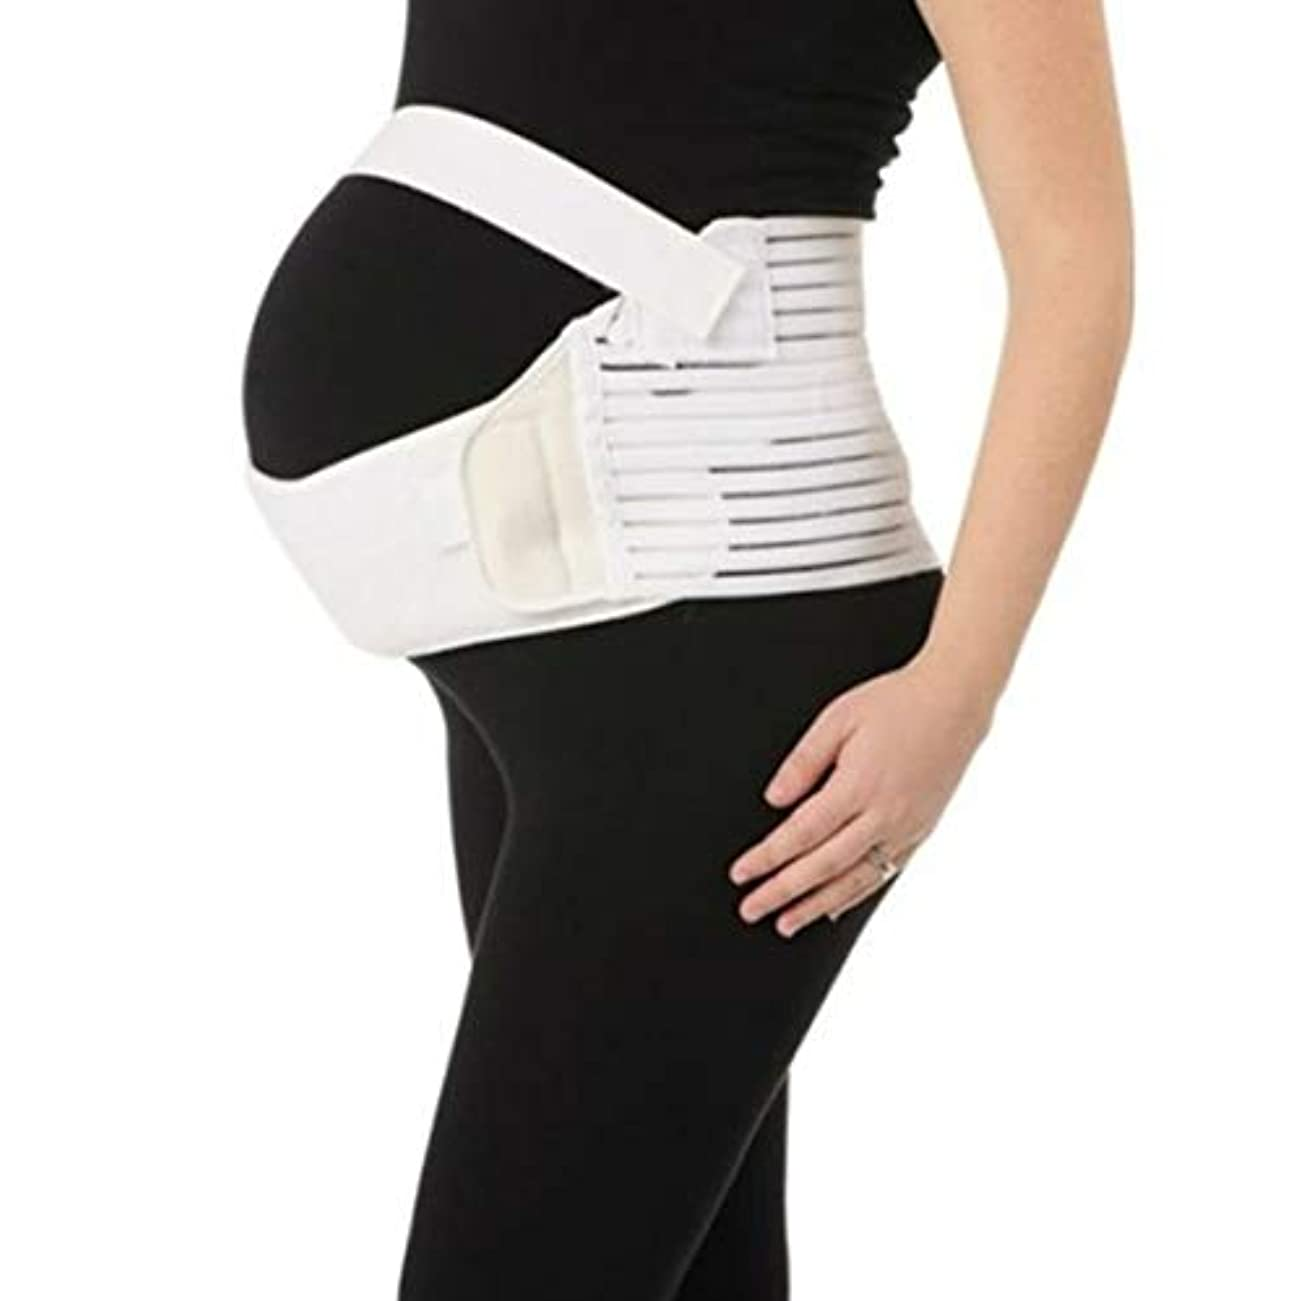 反射逆説蓄積する通気性マタニティベルト妊娠腹部サポート腹部バインダーガードル運動包帯産後回復形状ウェア - ホワイトXL